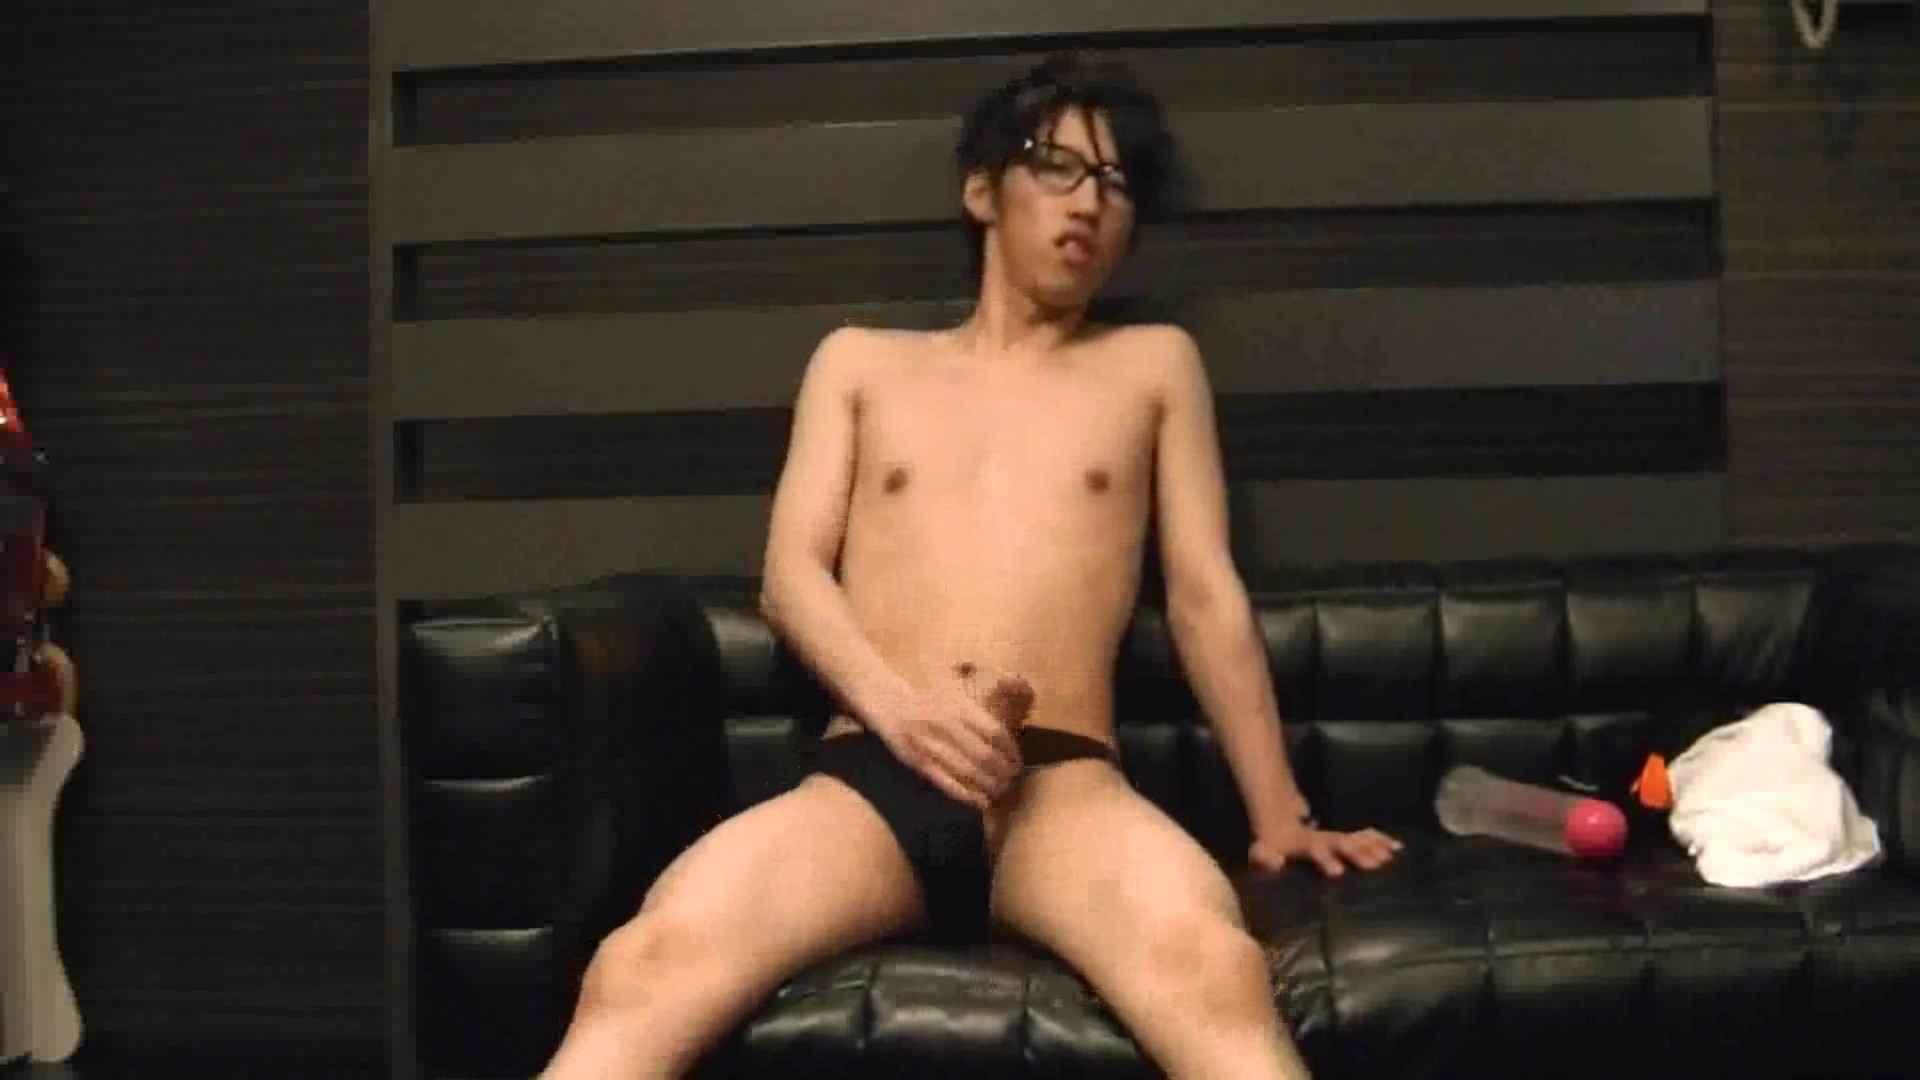 ONA見せカーニバル!! Vol3 ゲイのオナニー映像 | 男祭り  103枚 75